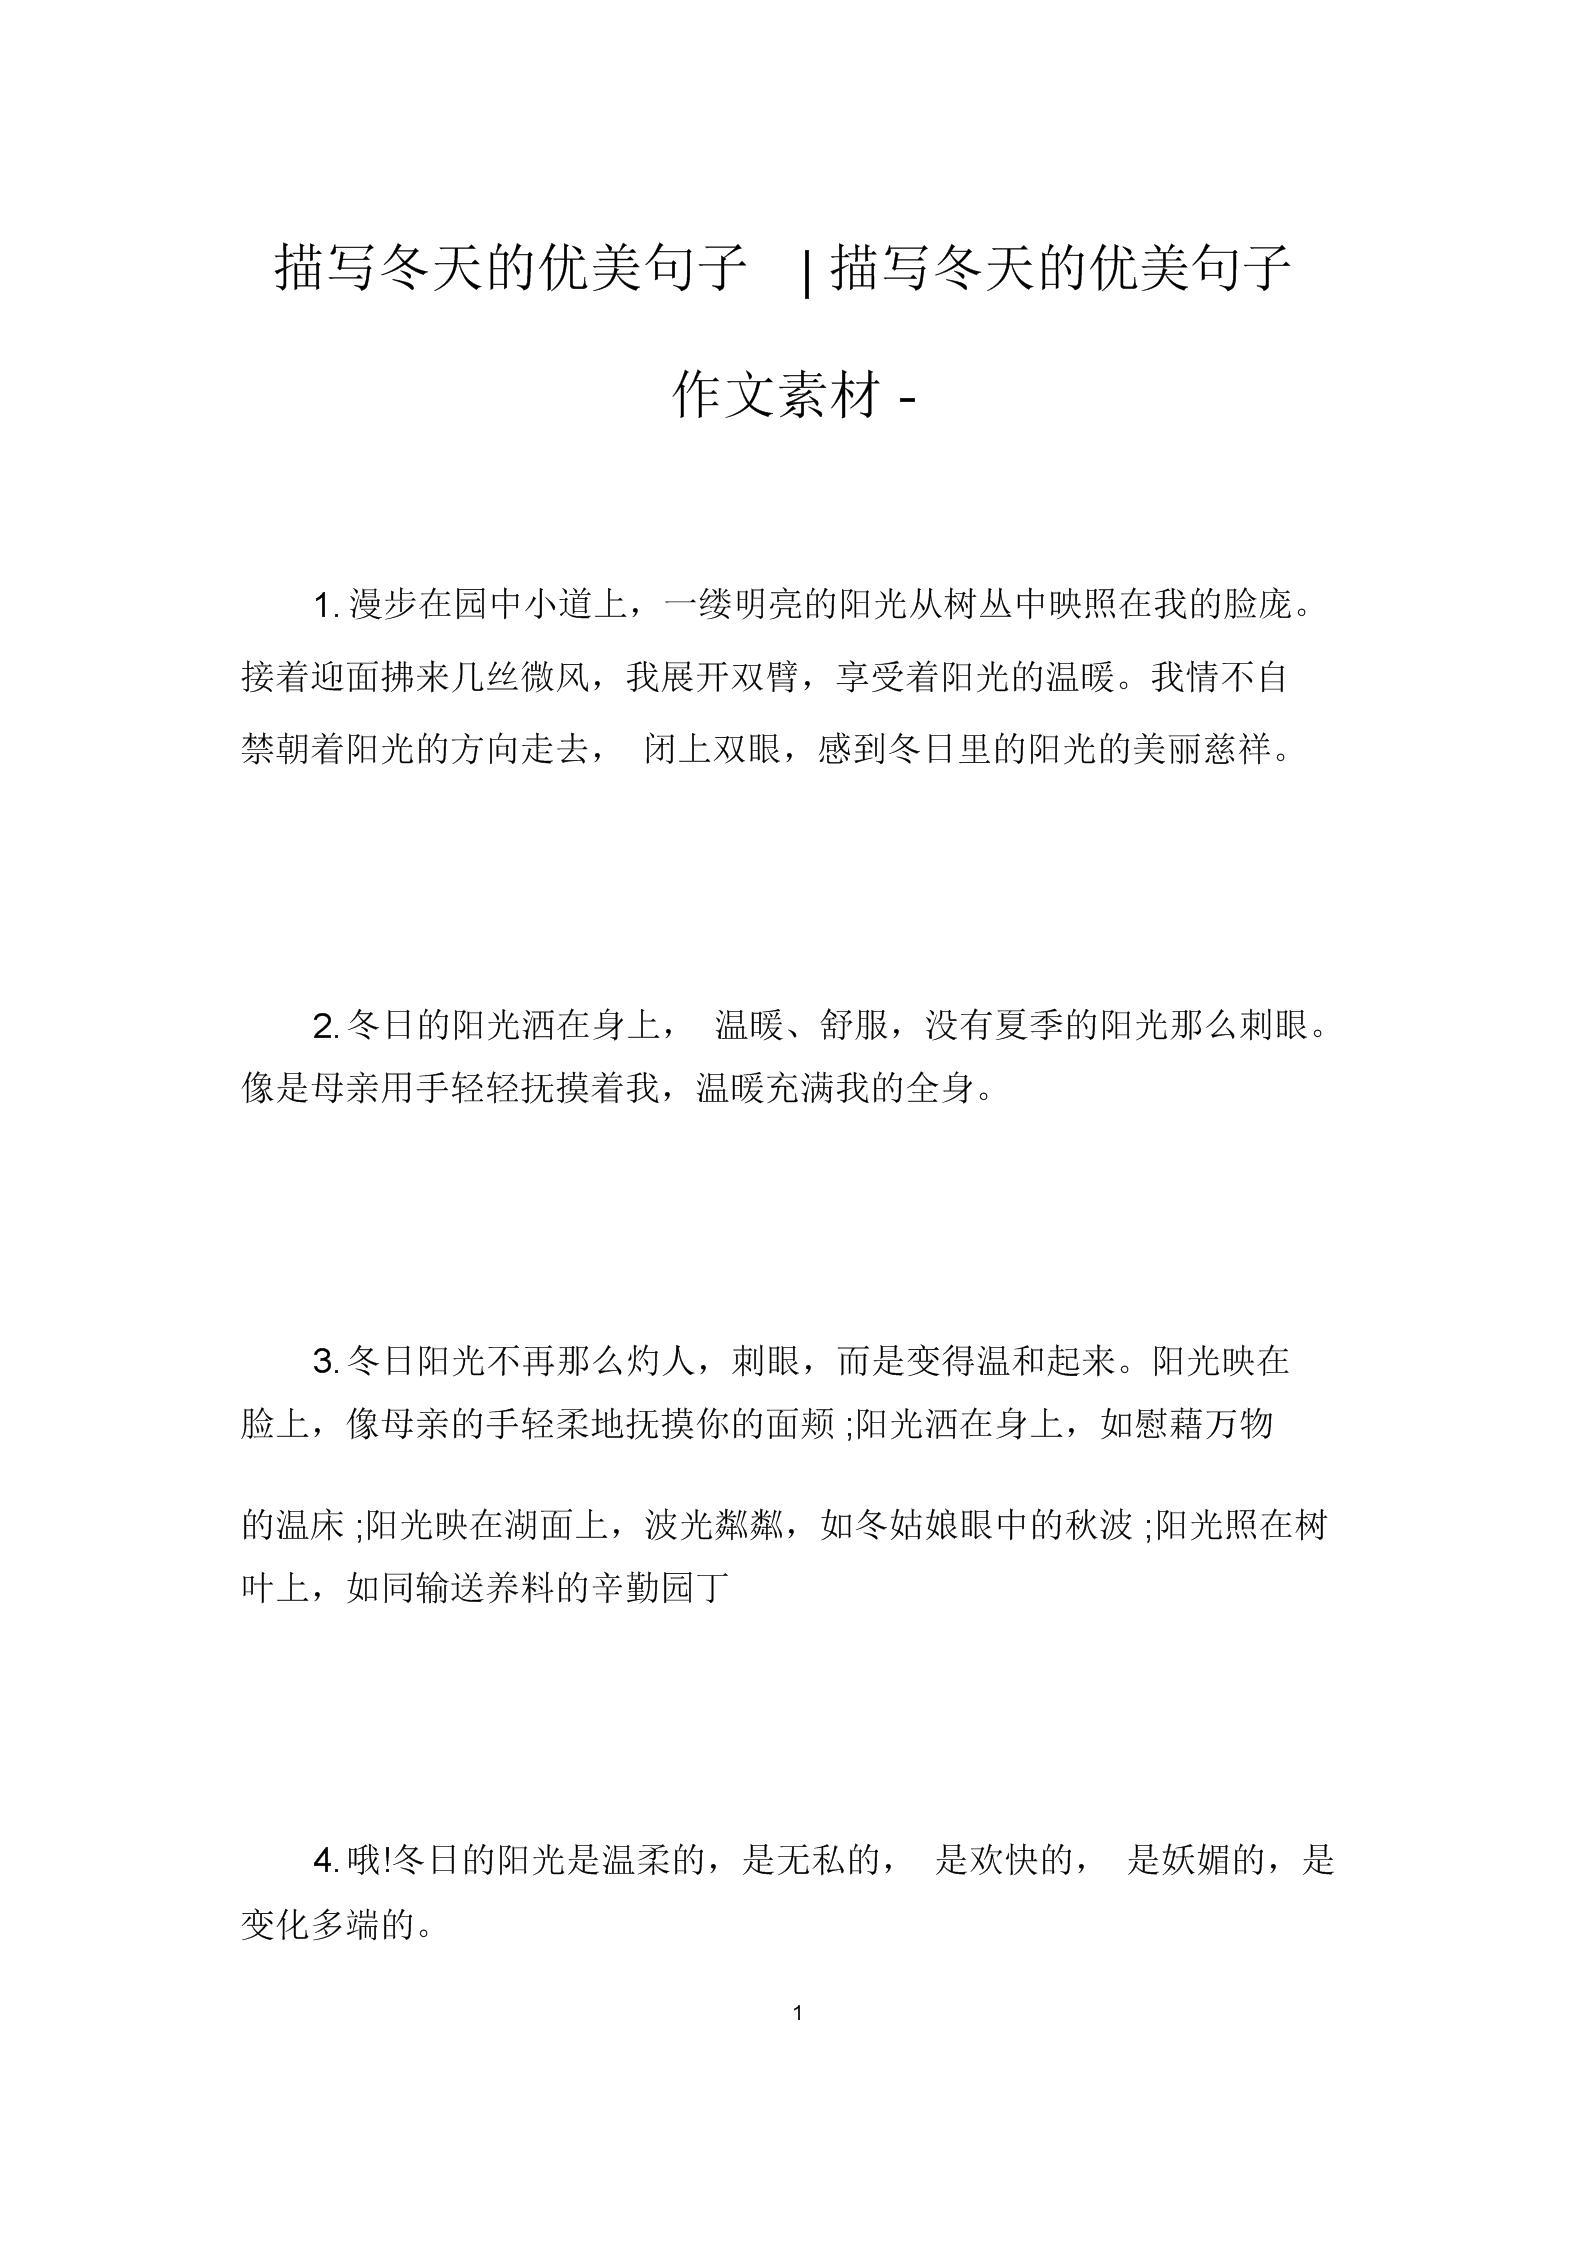 冬季句子大全10字【论文句子在线改写】